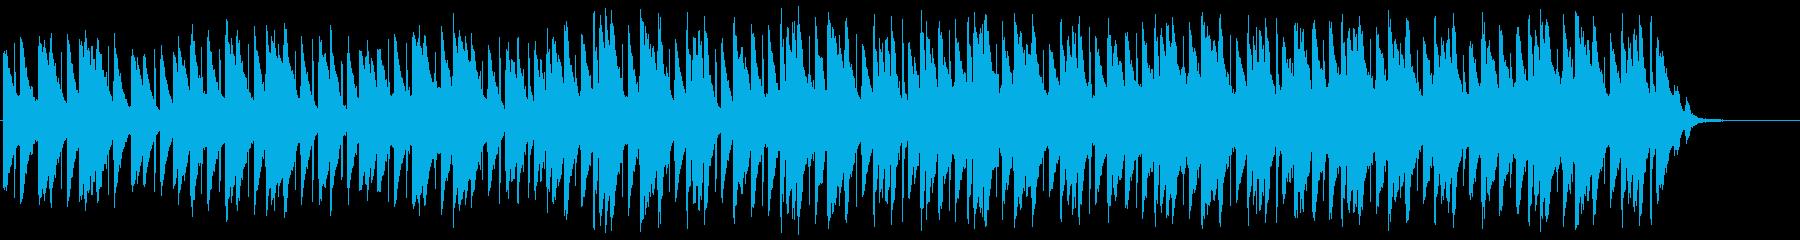 シネマティック、チルアウト、ヒーリングの再生済みの波形